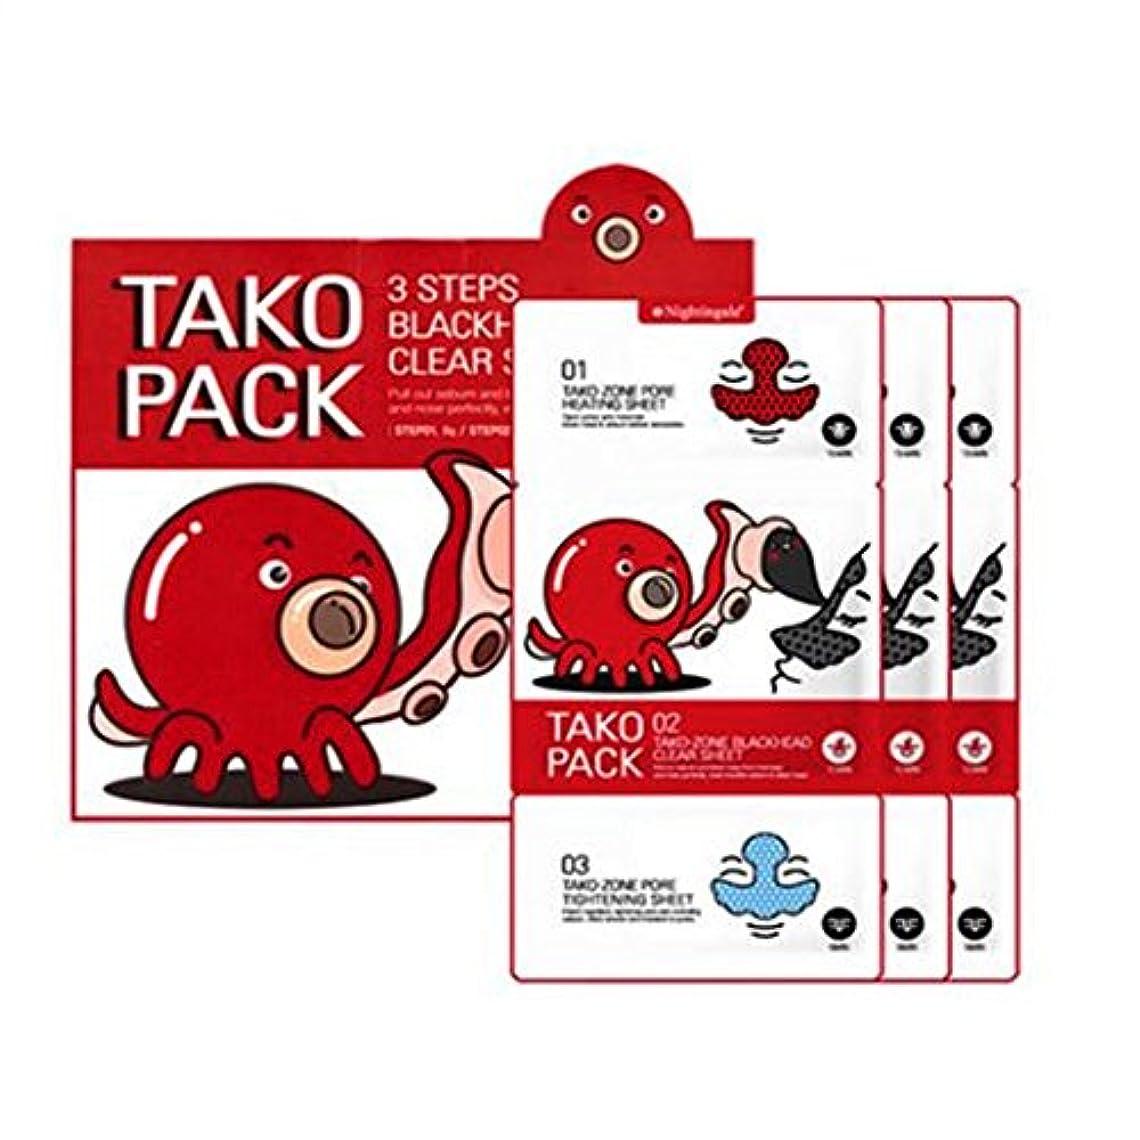 同行する下着雪Nightingale 3Step Tako Pack 3EA/ナイチンゲール 3ステップ タコ パック [タコ吸着パック] 3回分 [並行輸入品]